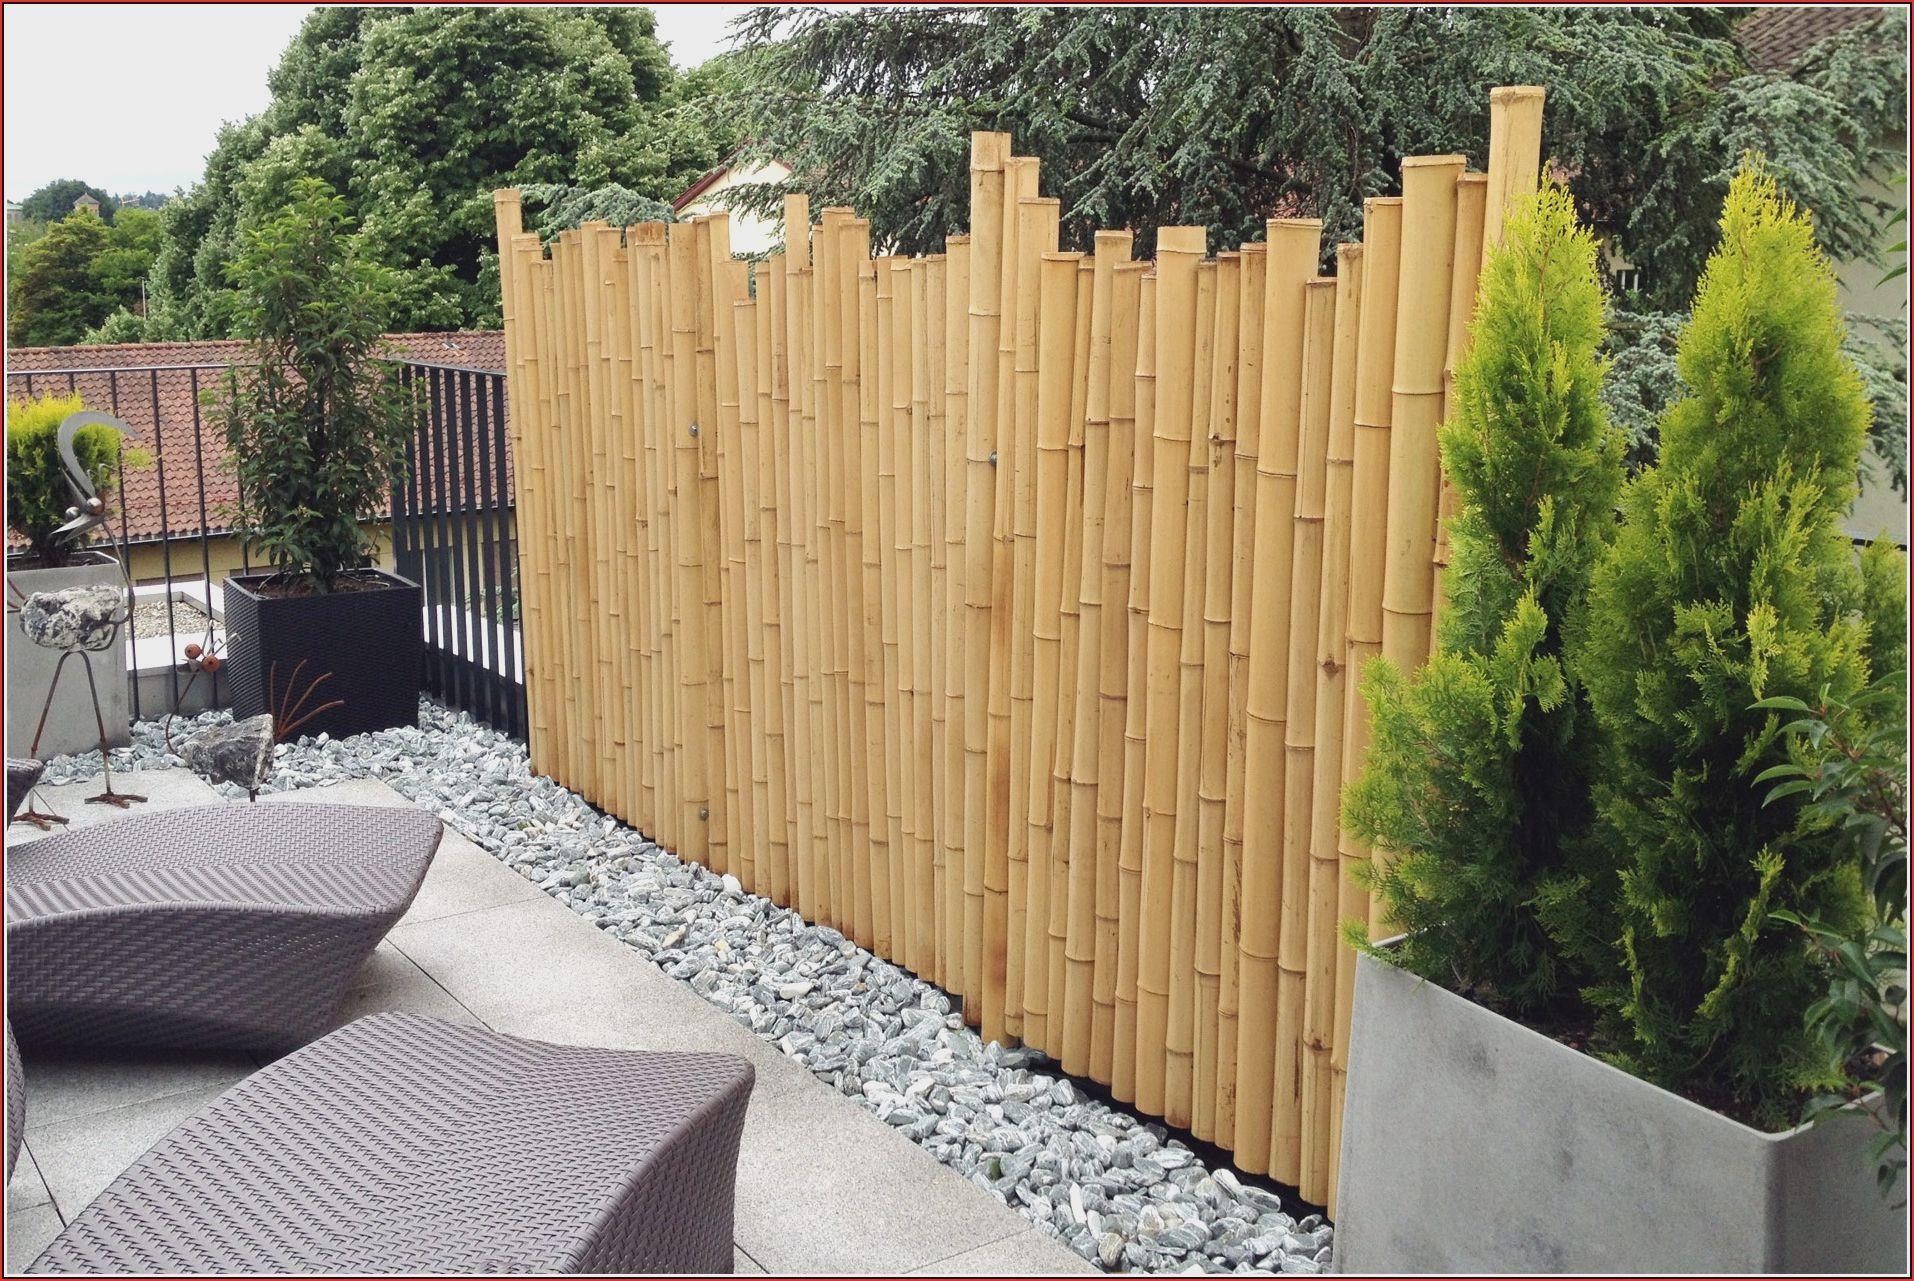 Garten Planen 26 Oberteil Bambus Sichtschutz Balkon O38p Mit